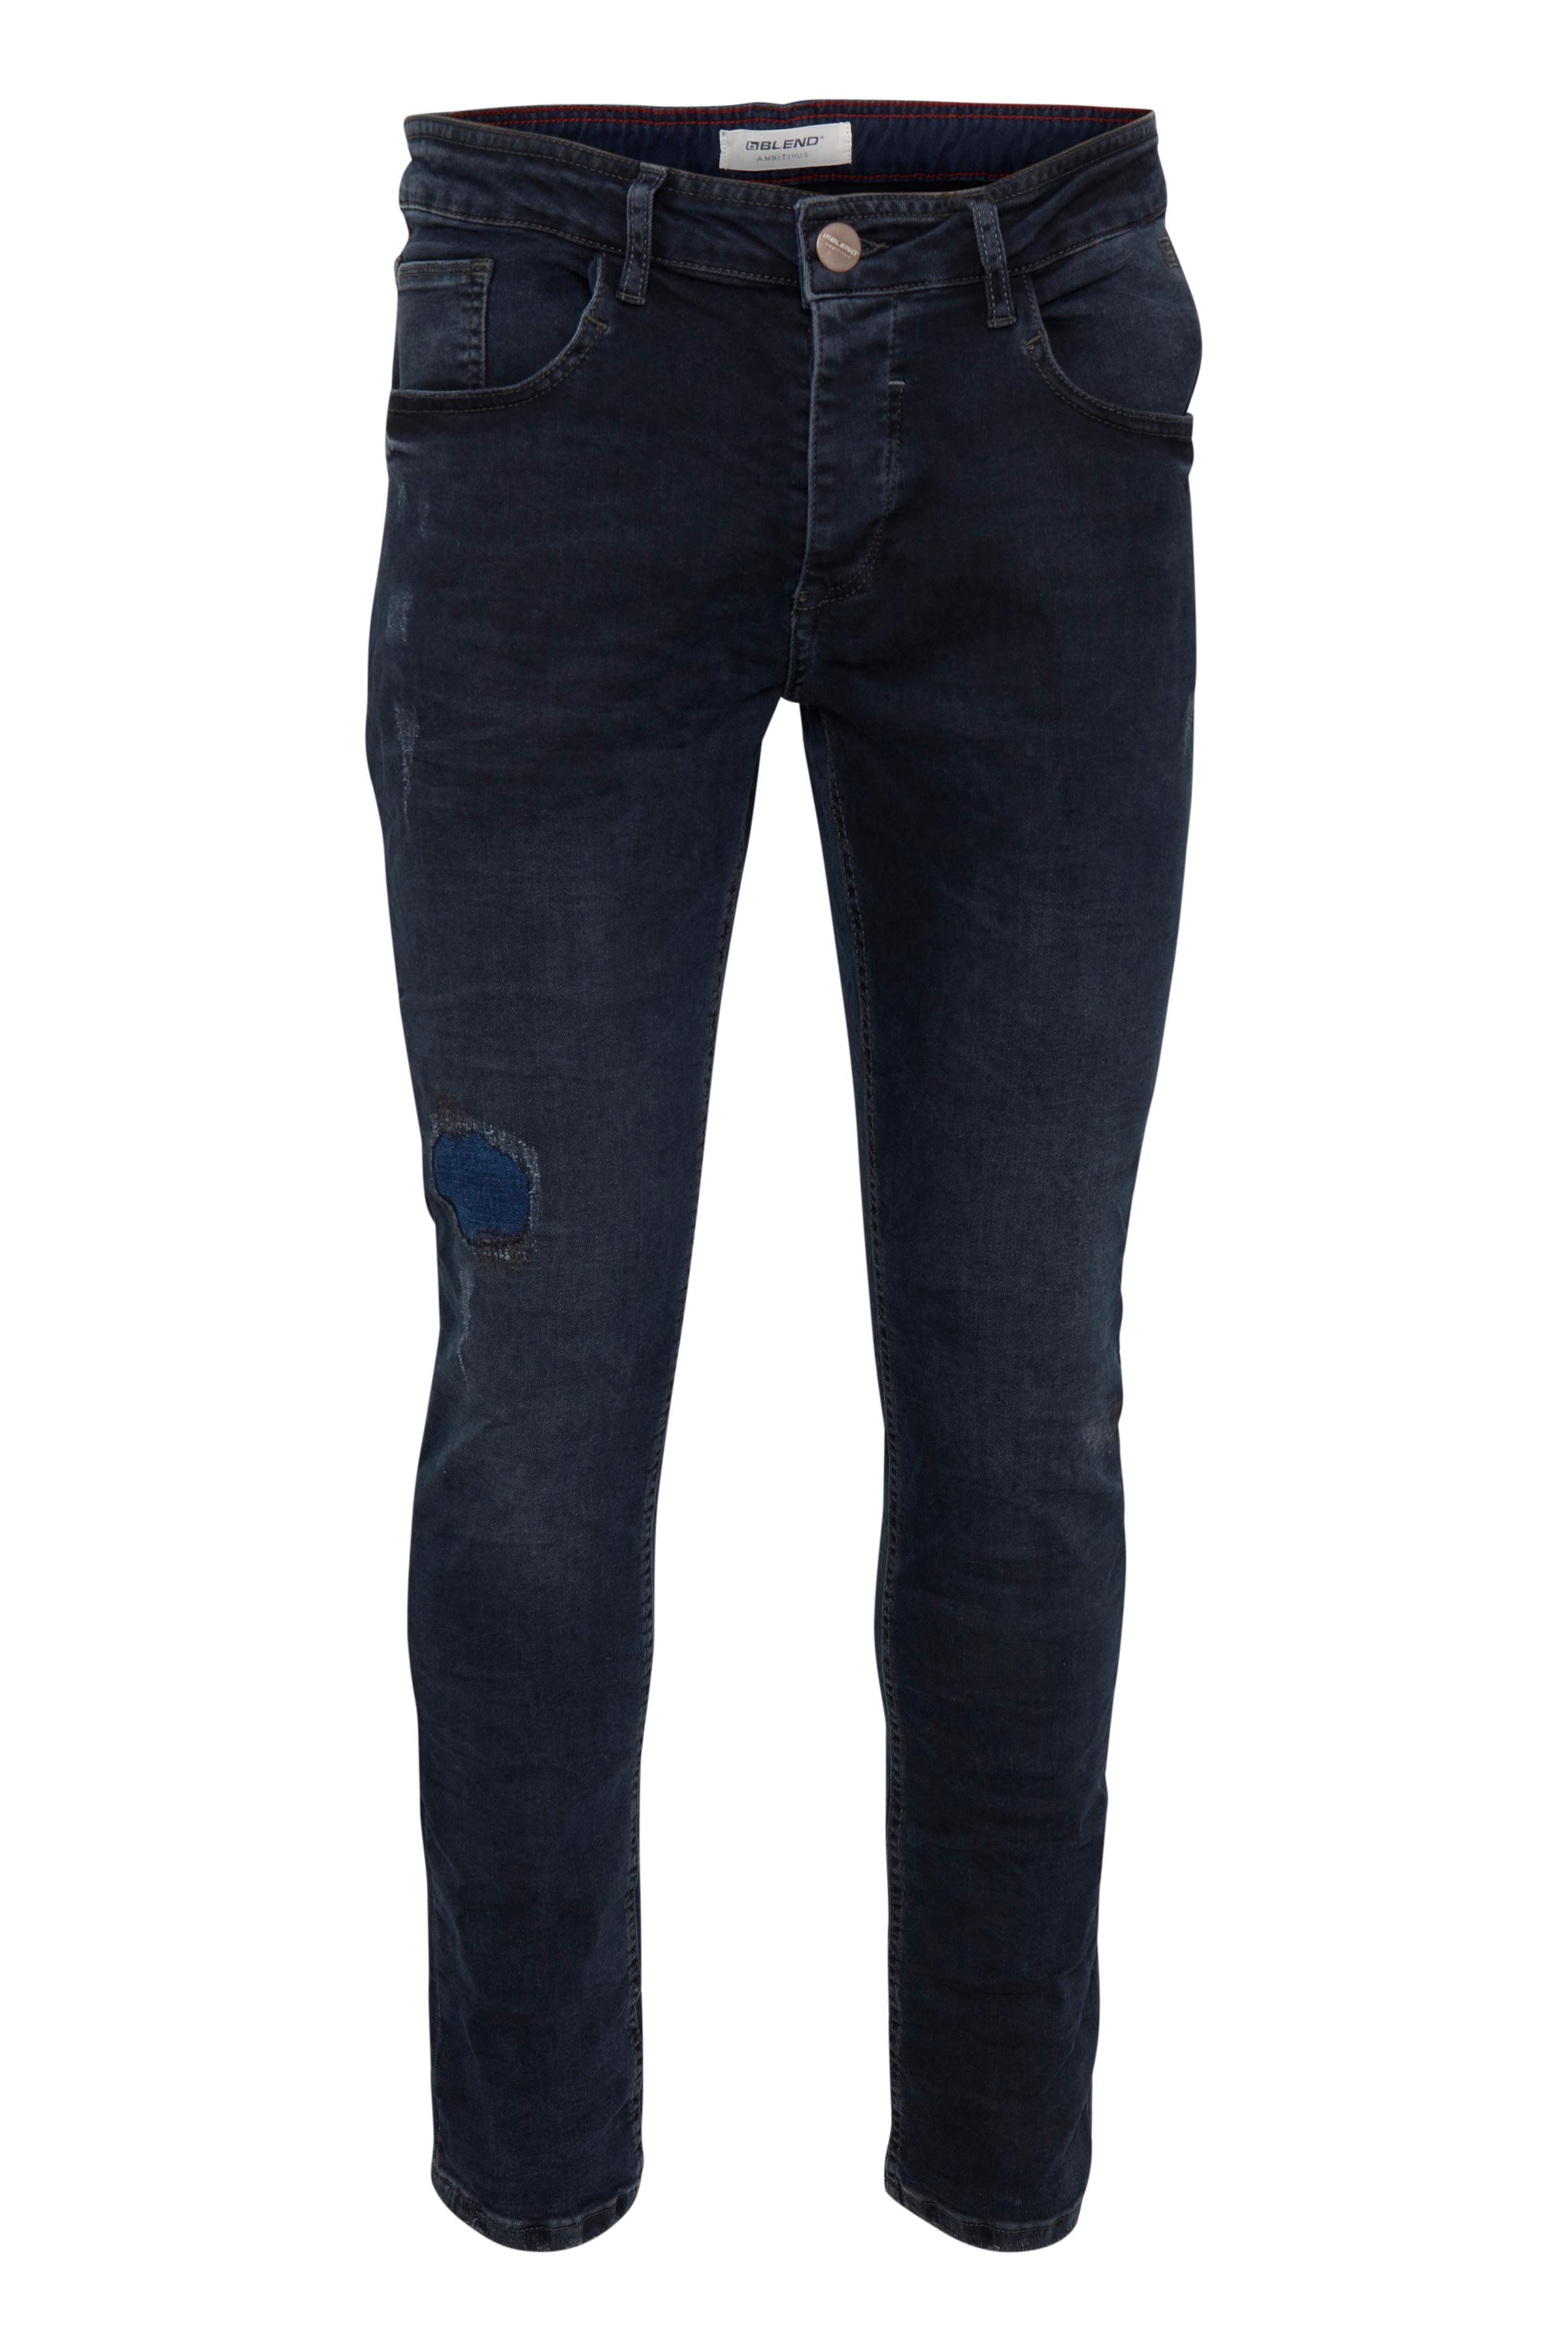 Image of Blend He Herre Jeans - Denim Black